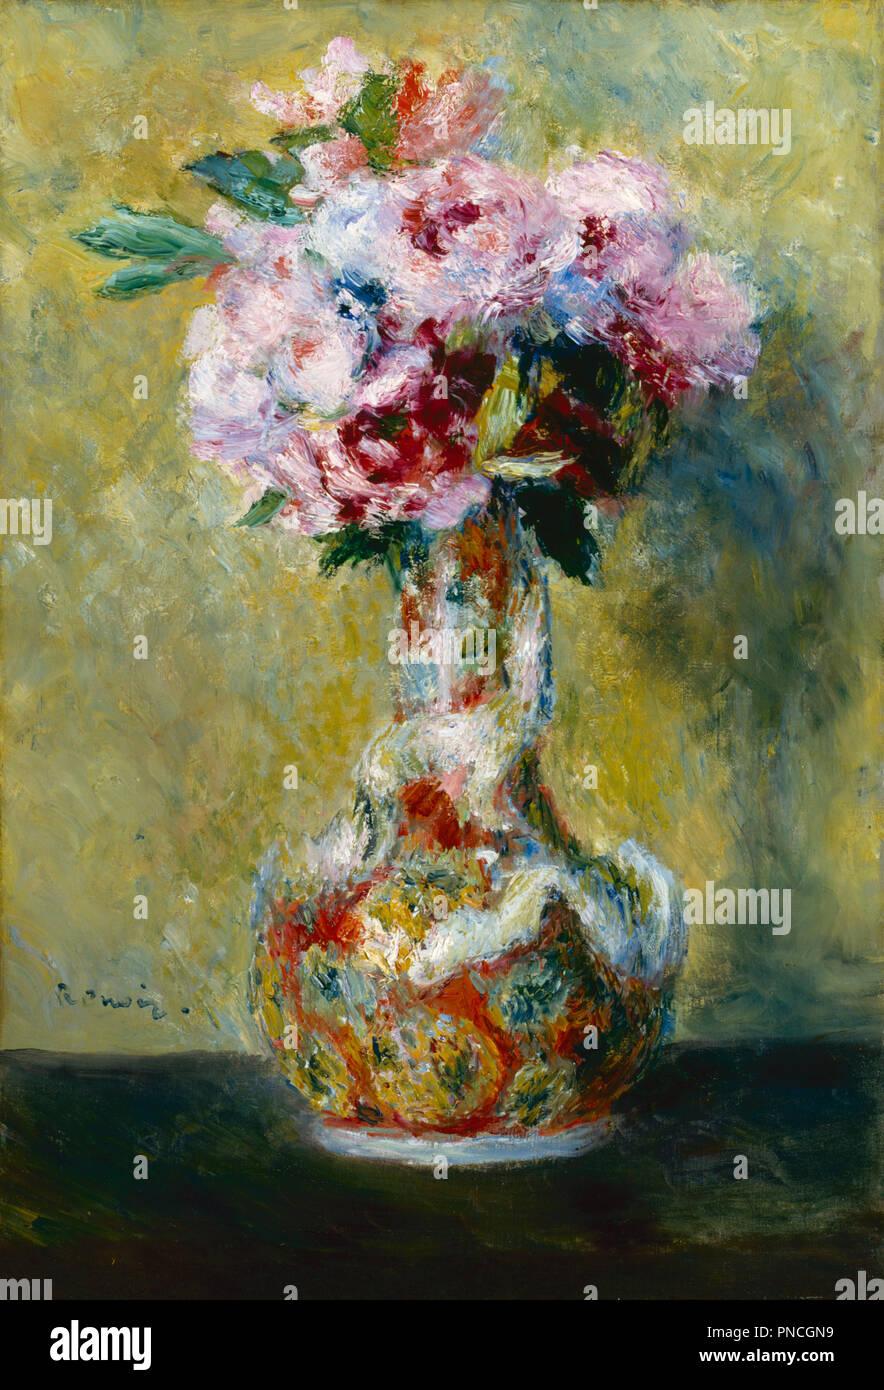 Mazzo Di Fiori Su Una Sedia Renoir.In Renoir Style Immagini In Renoir Style Fotos Stock Alamy